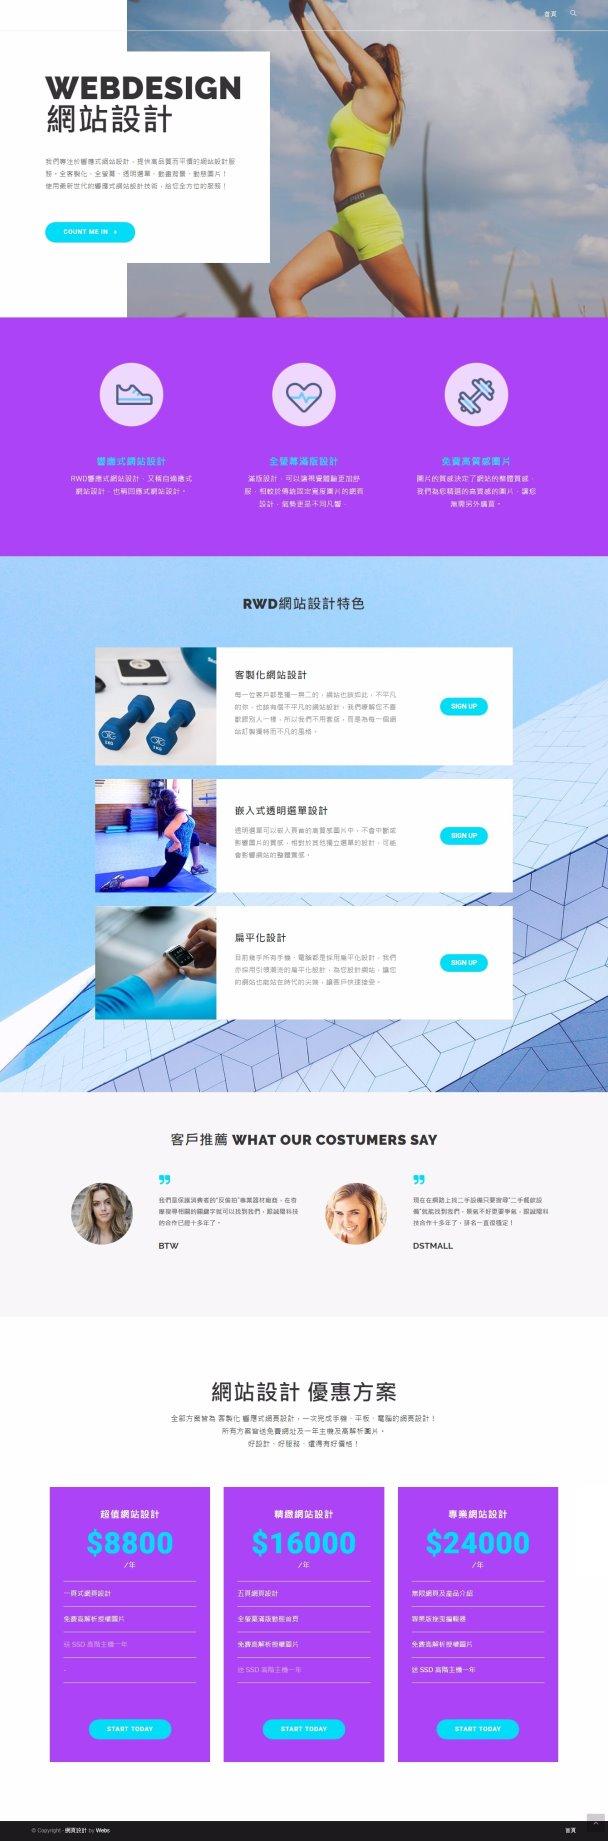 網頁設計-風格06-1